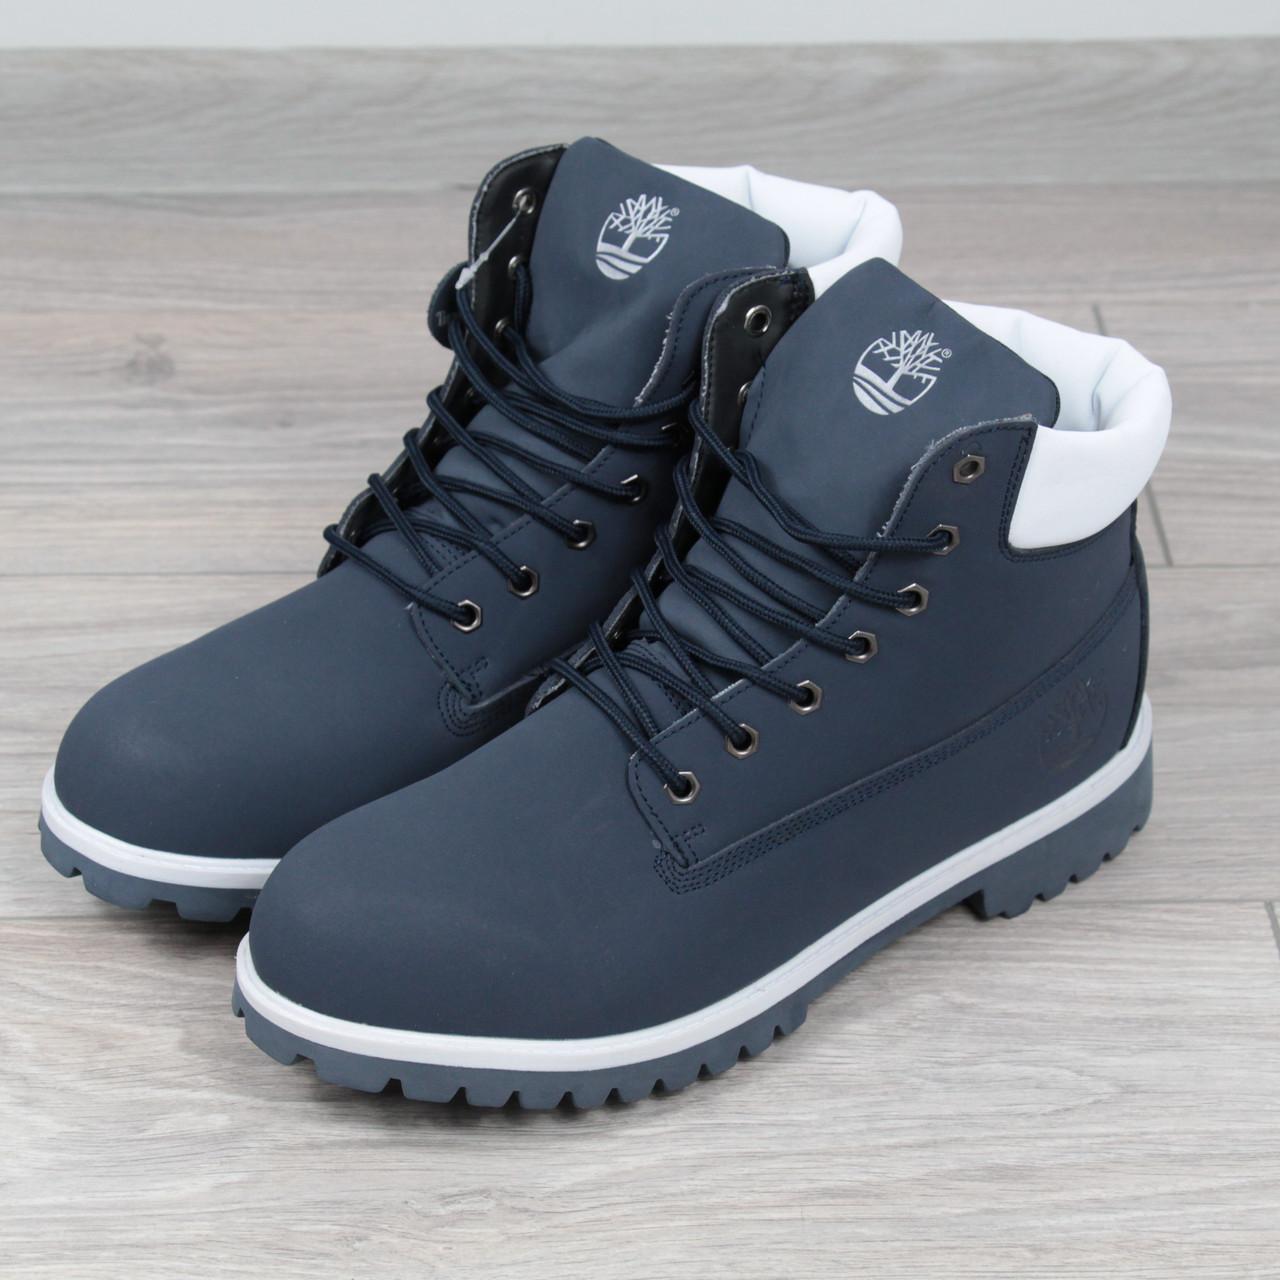 4cde67d19 Ботинки Мужские зимние Timberland синие, зимняя обувь - Интернет - магазин  MaxTrade в Днепре